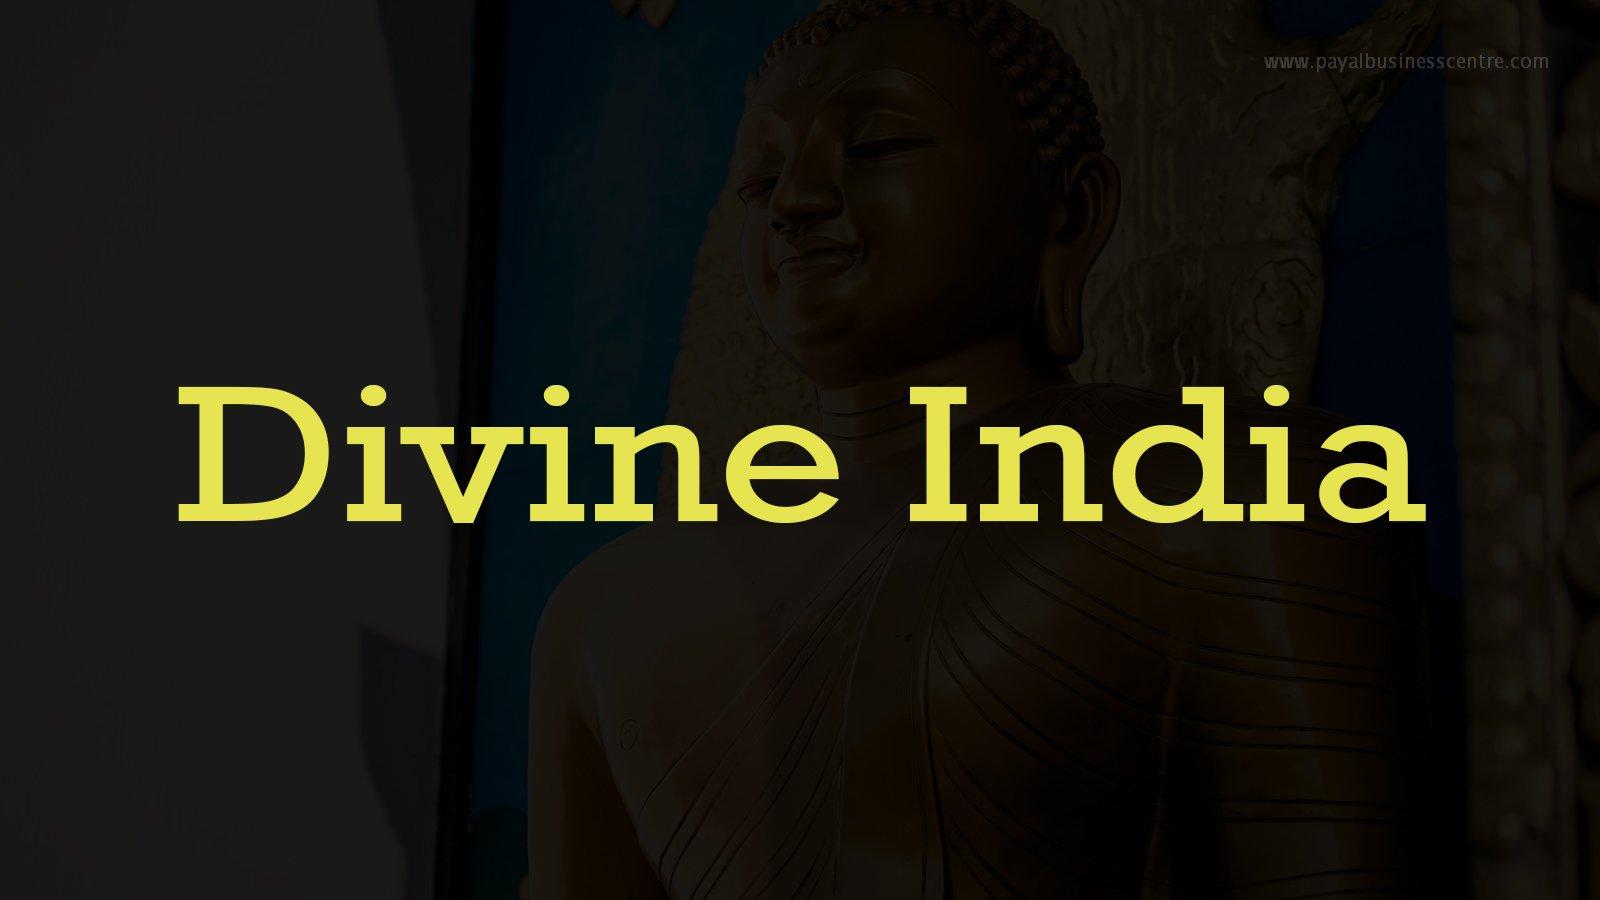 Divine India